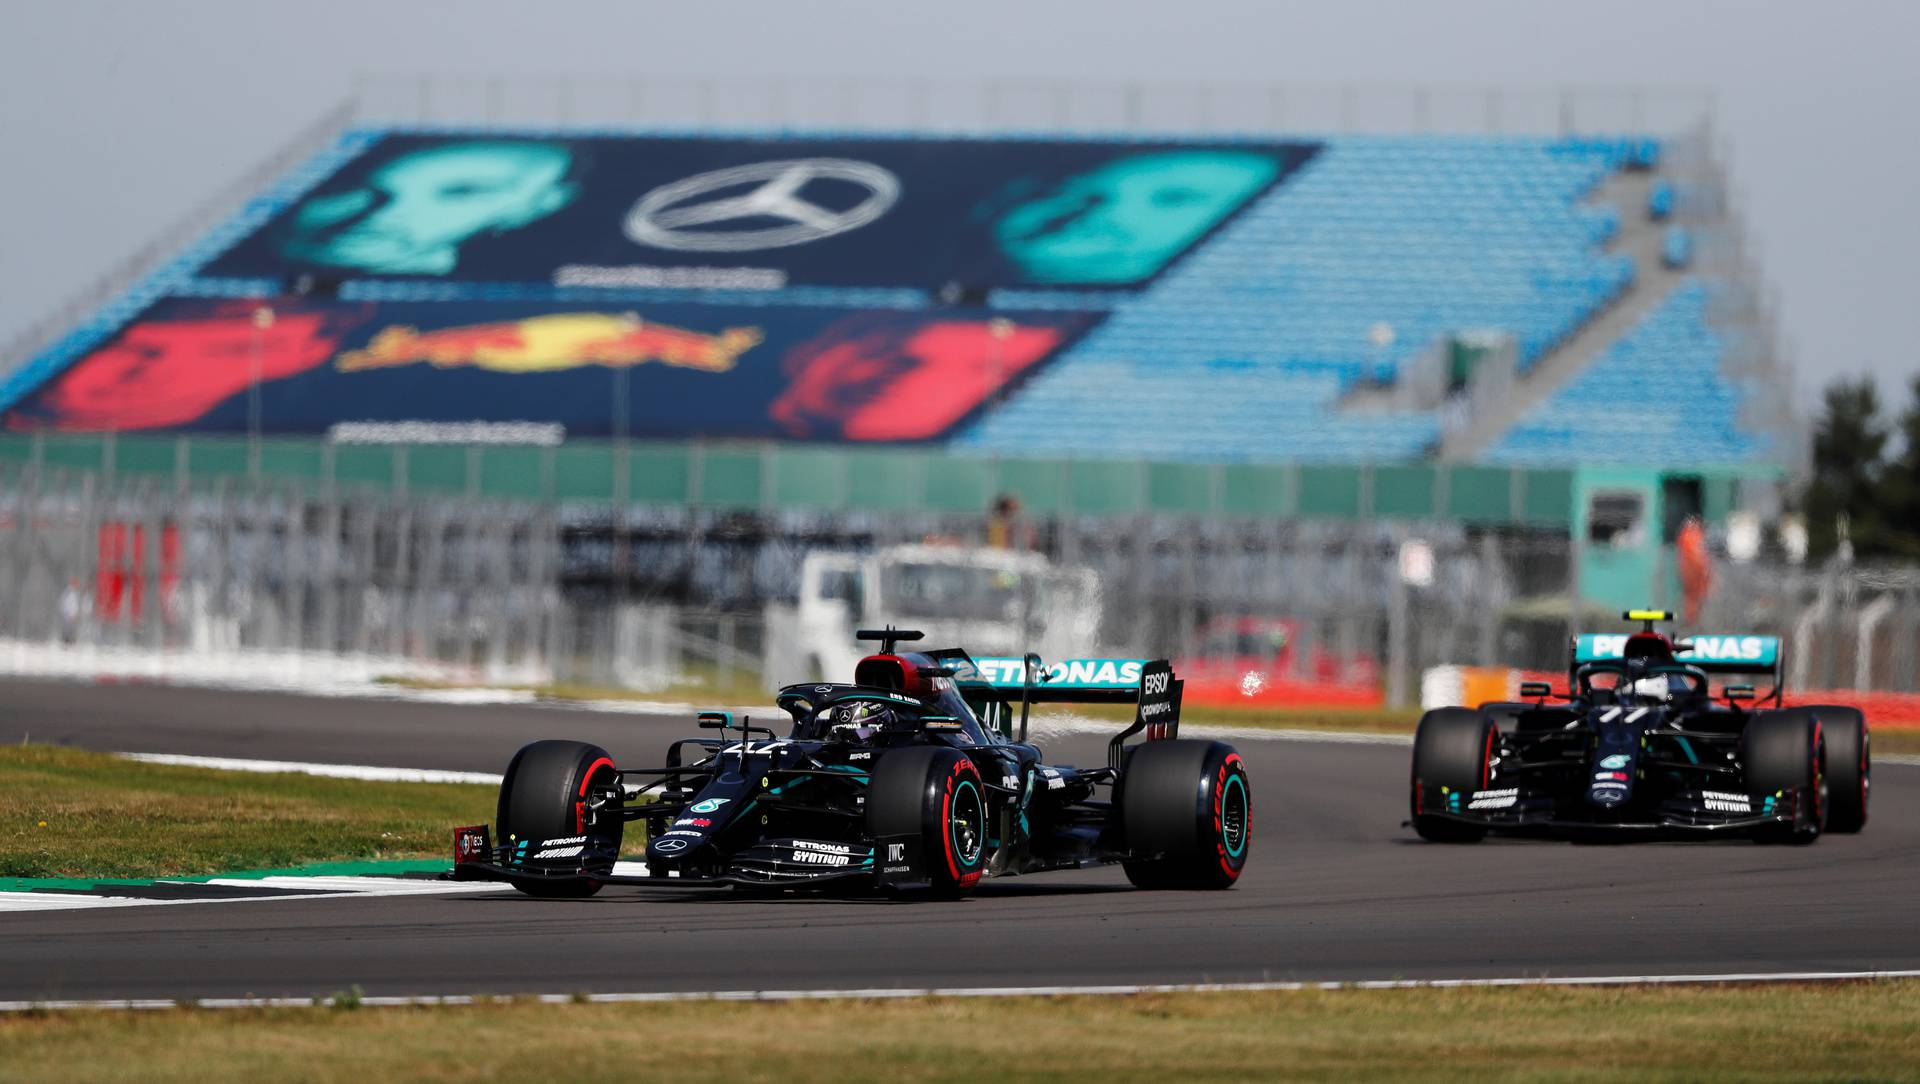 70th Anniversary Grand Prix